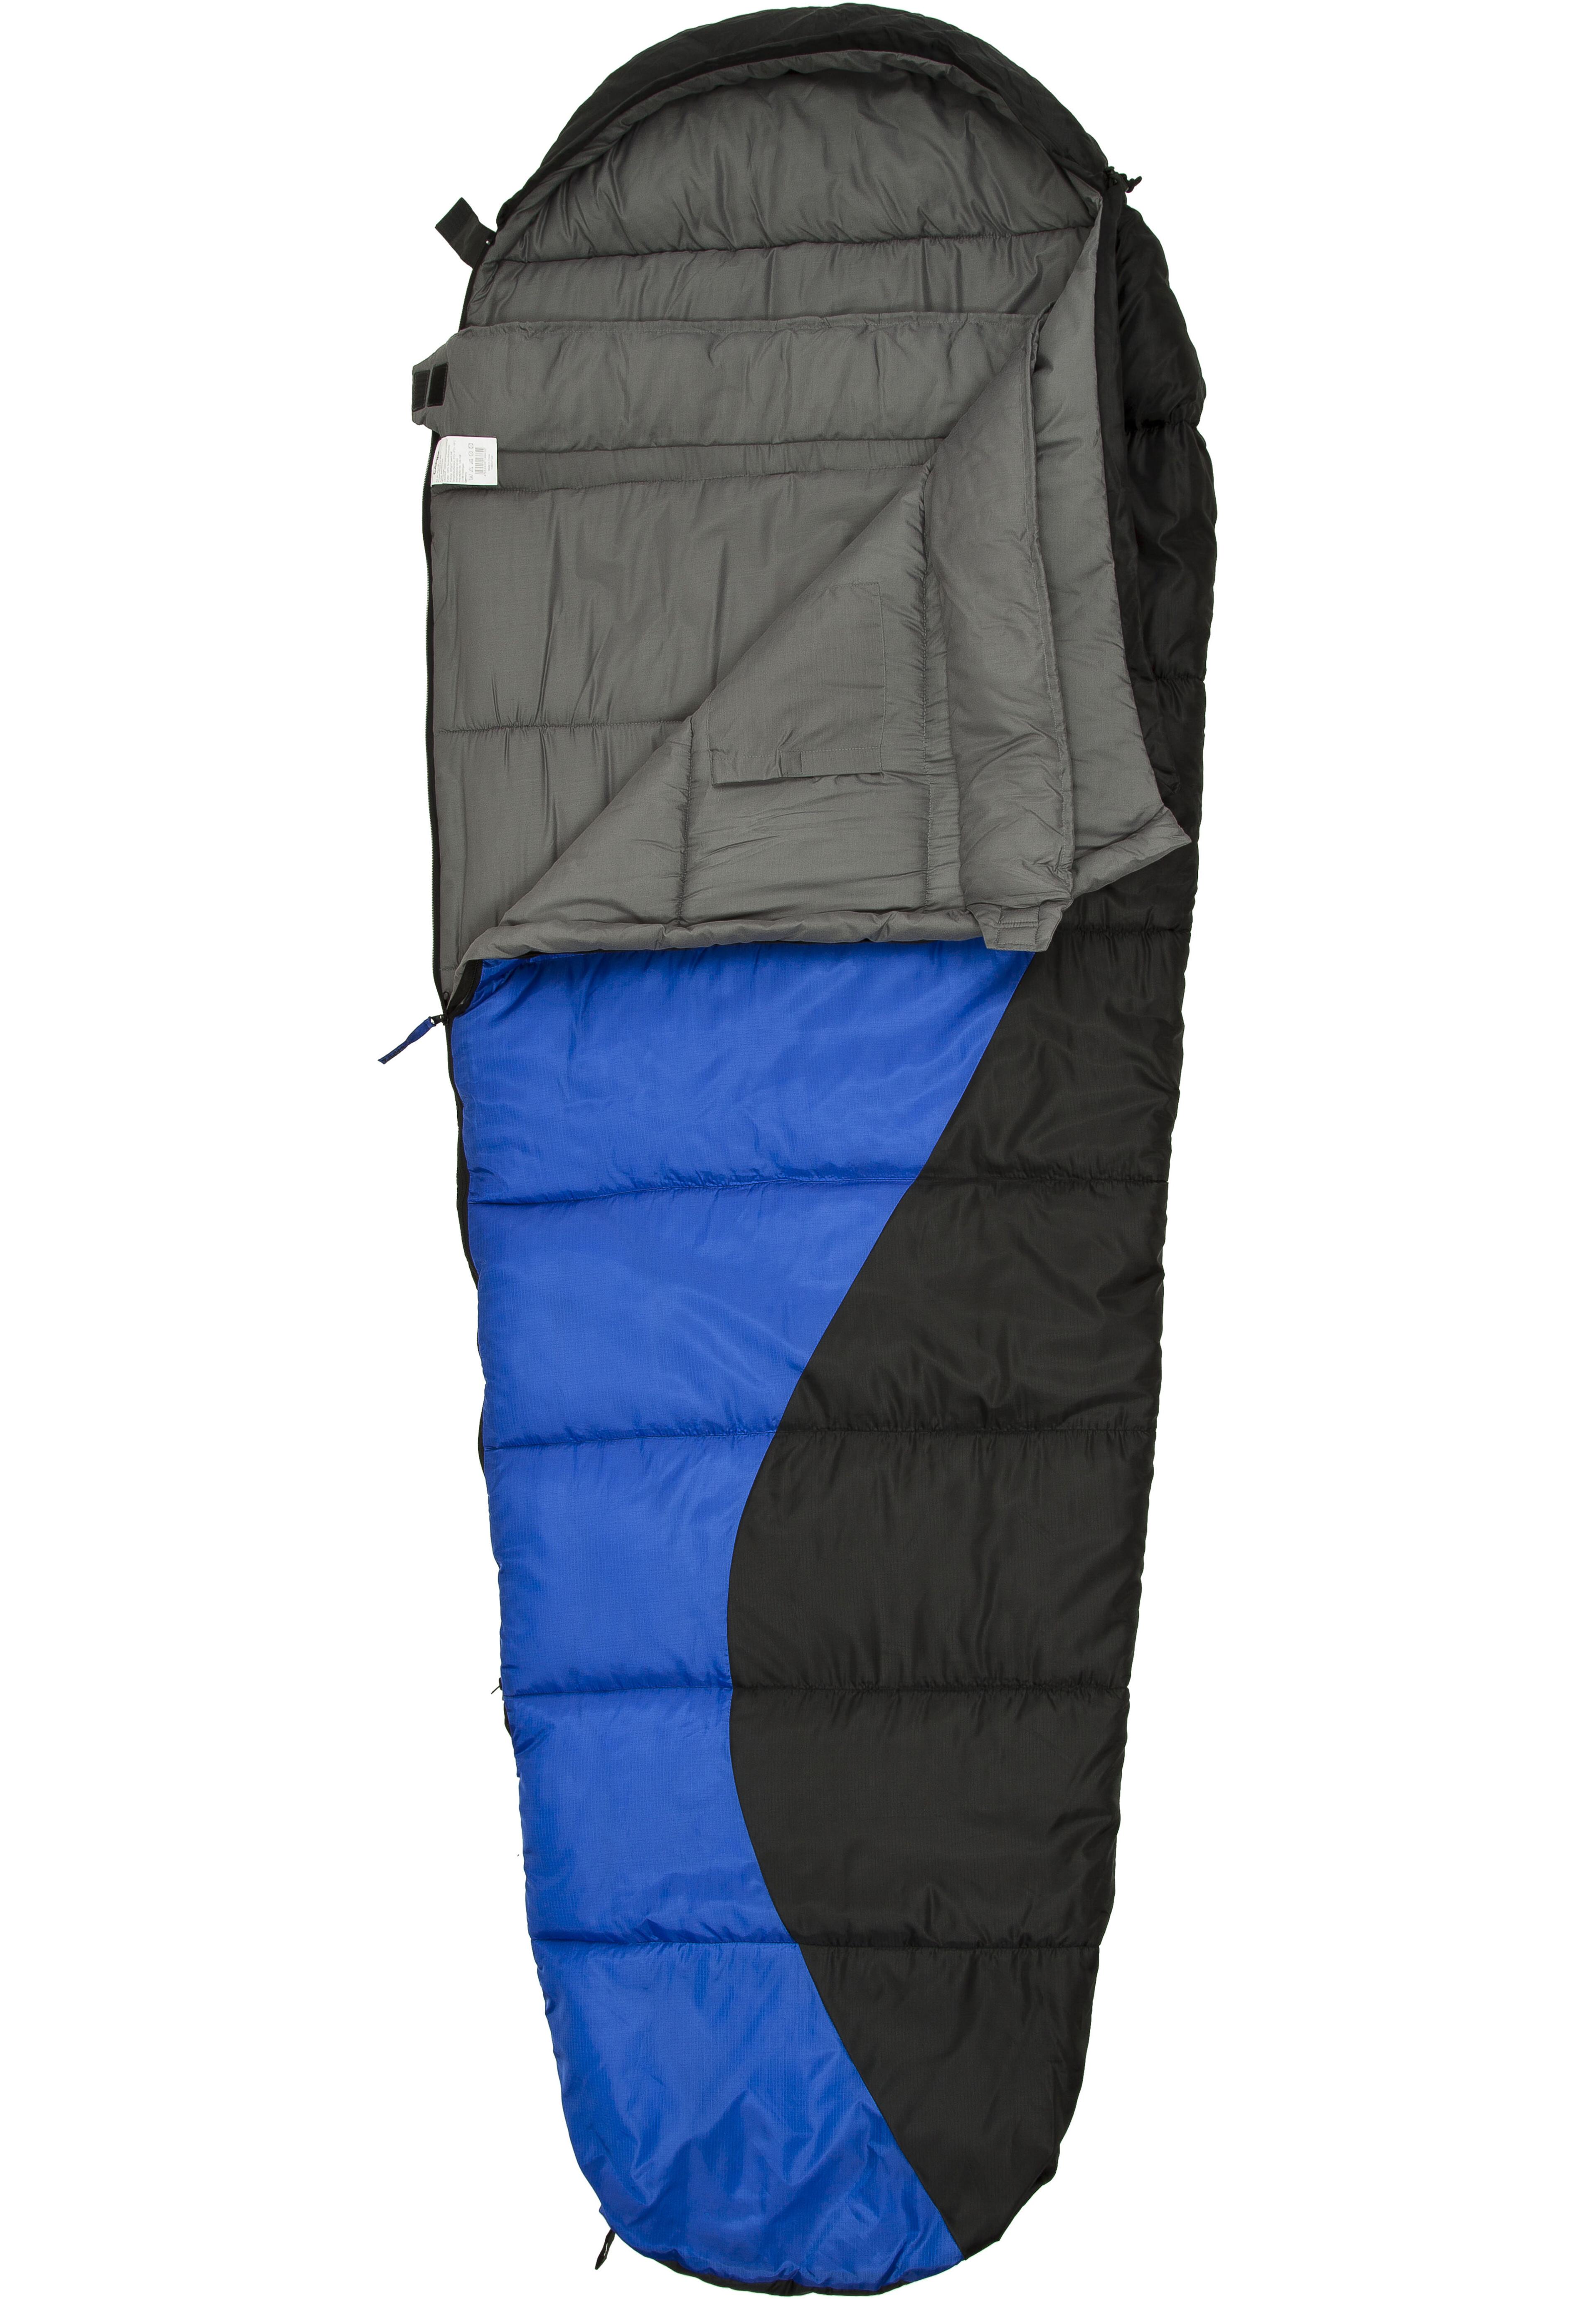 ff067de809 CAMPZ Desert Pro 300 - Sac de couchage - bleu/noir sur CAMPZ !